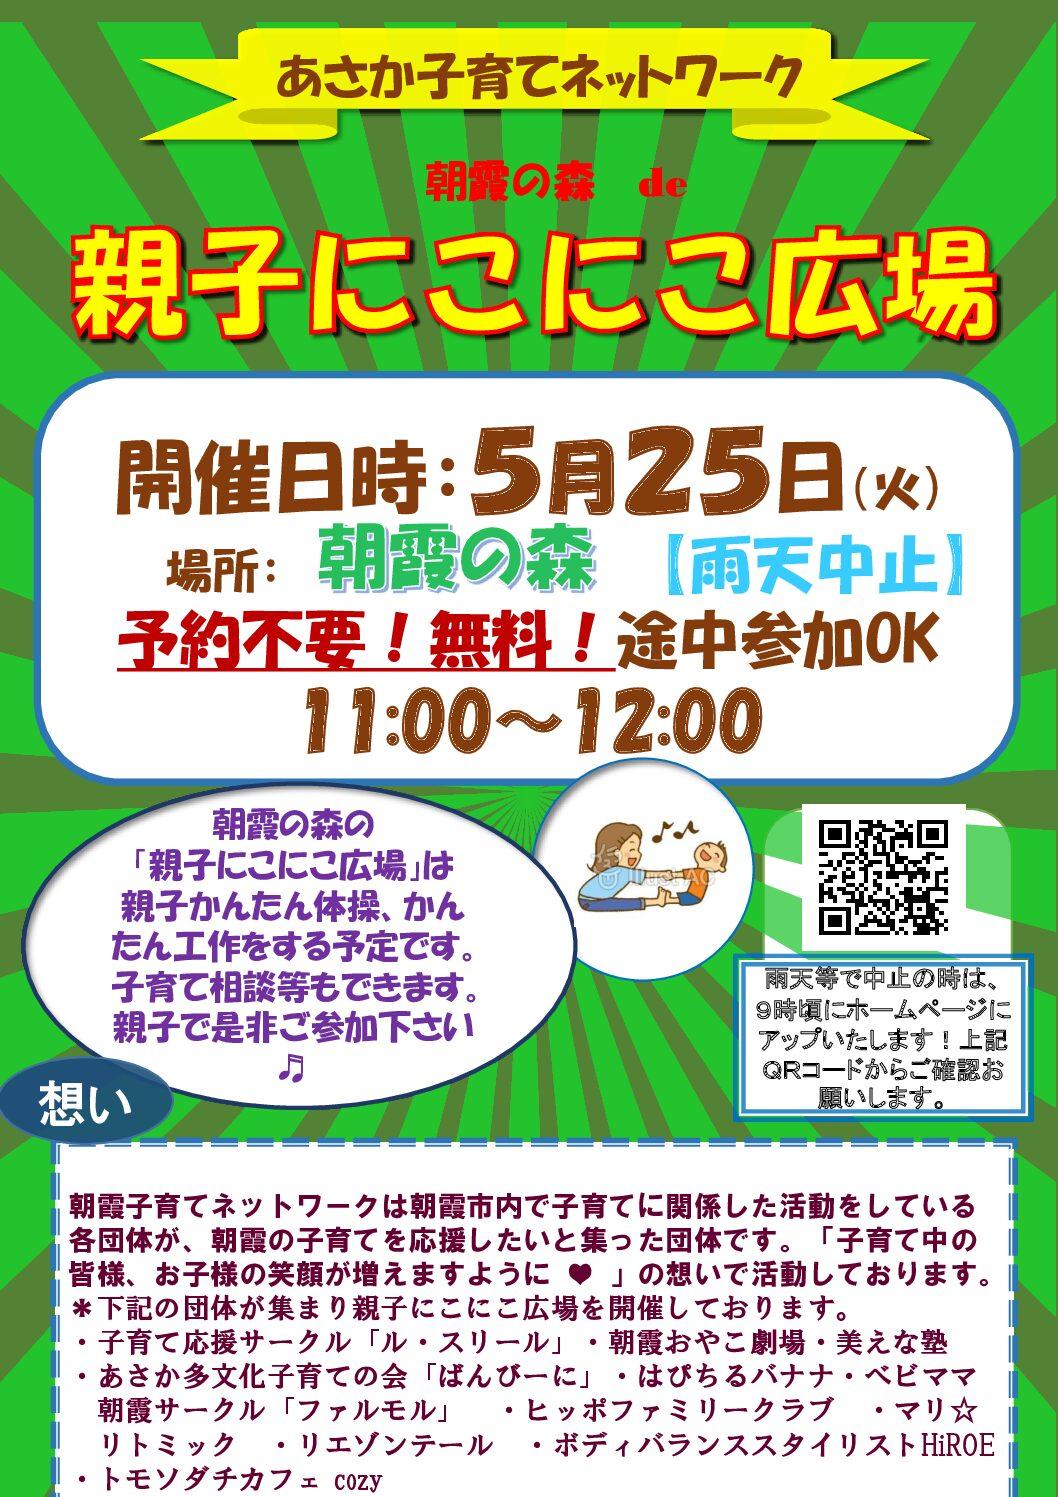 5/25 朝霞の森 de 親子にこにこ広場